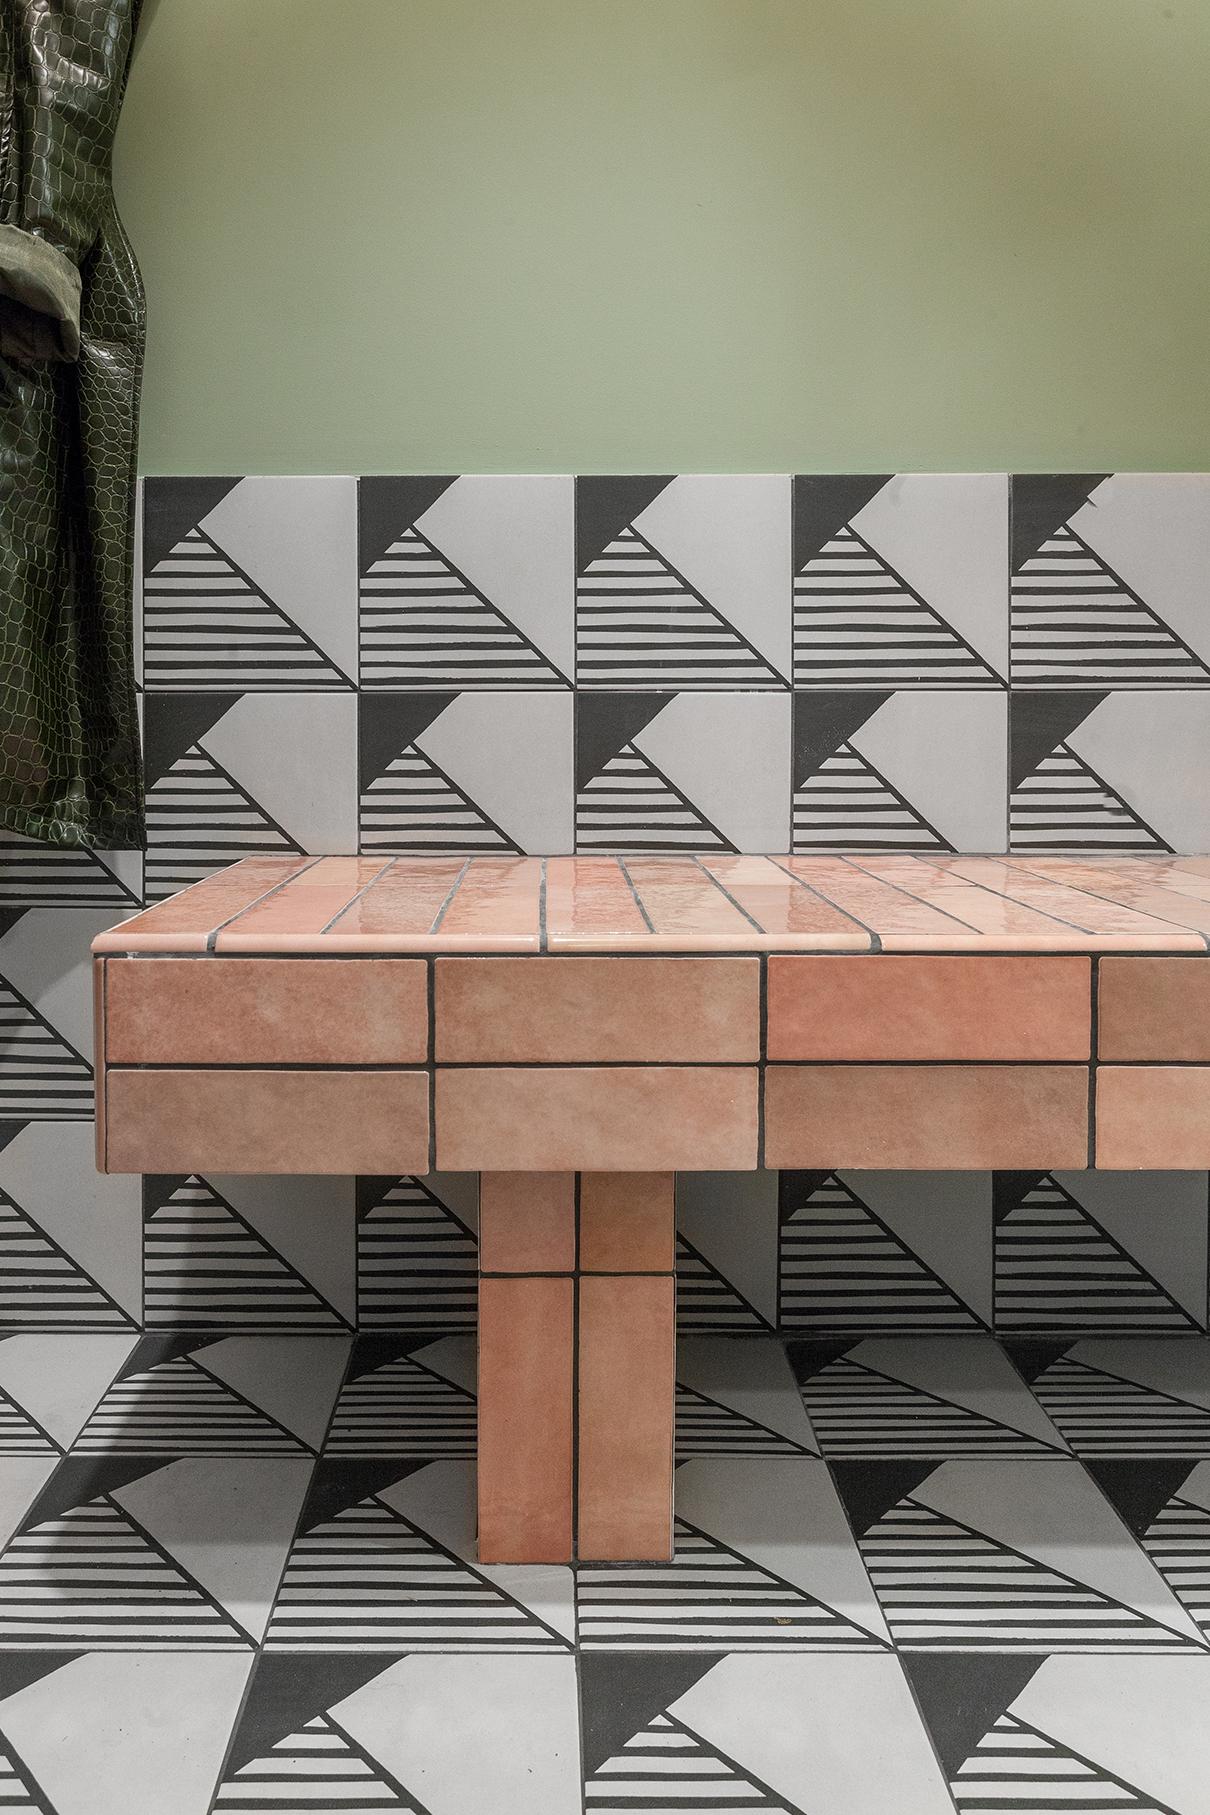 Самодельная скамья облицована керамической плиткой Equipe коллекции Artisan, пол и фрагмент стены— Equipe Caprice deco Origami. Стена окрашена краской Historie & Harmonie